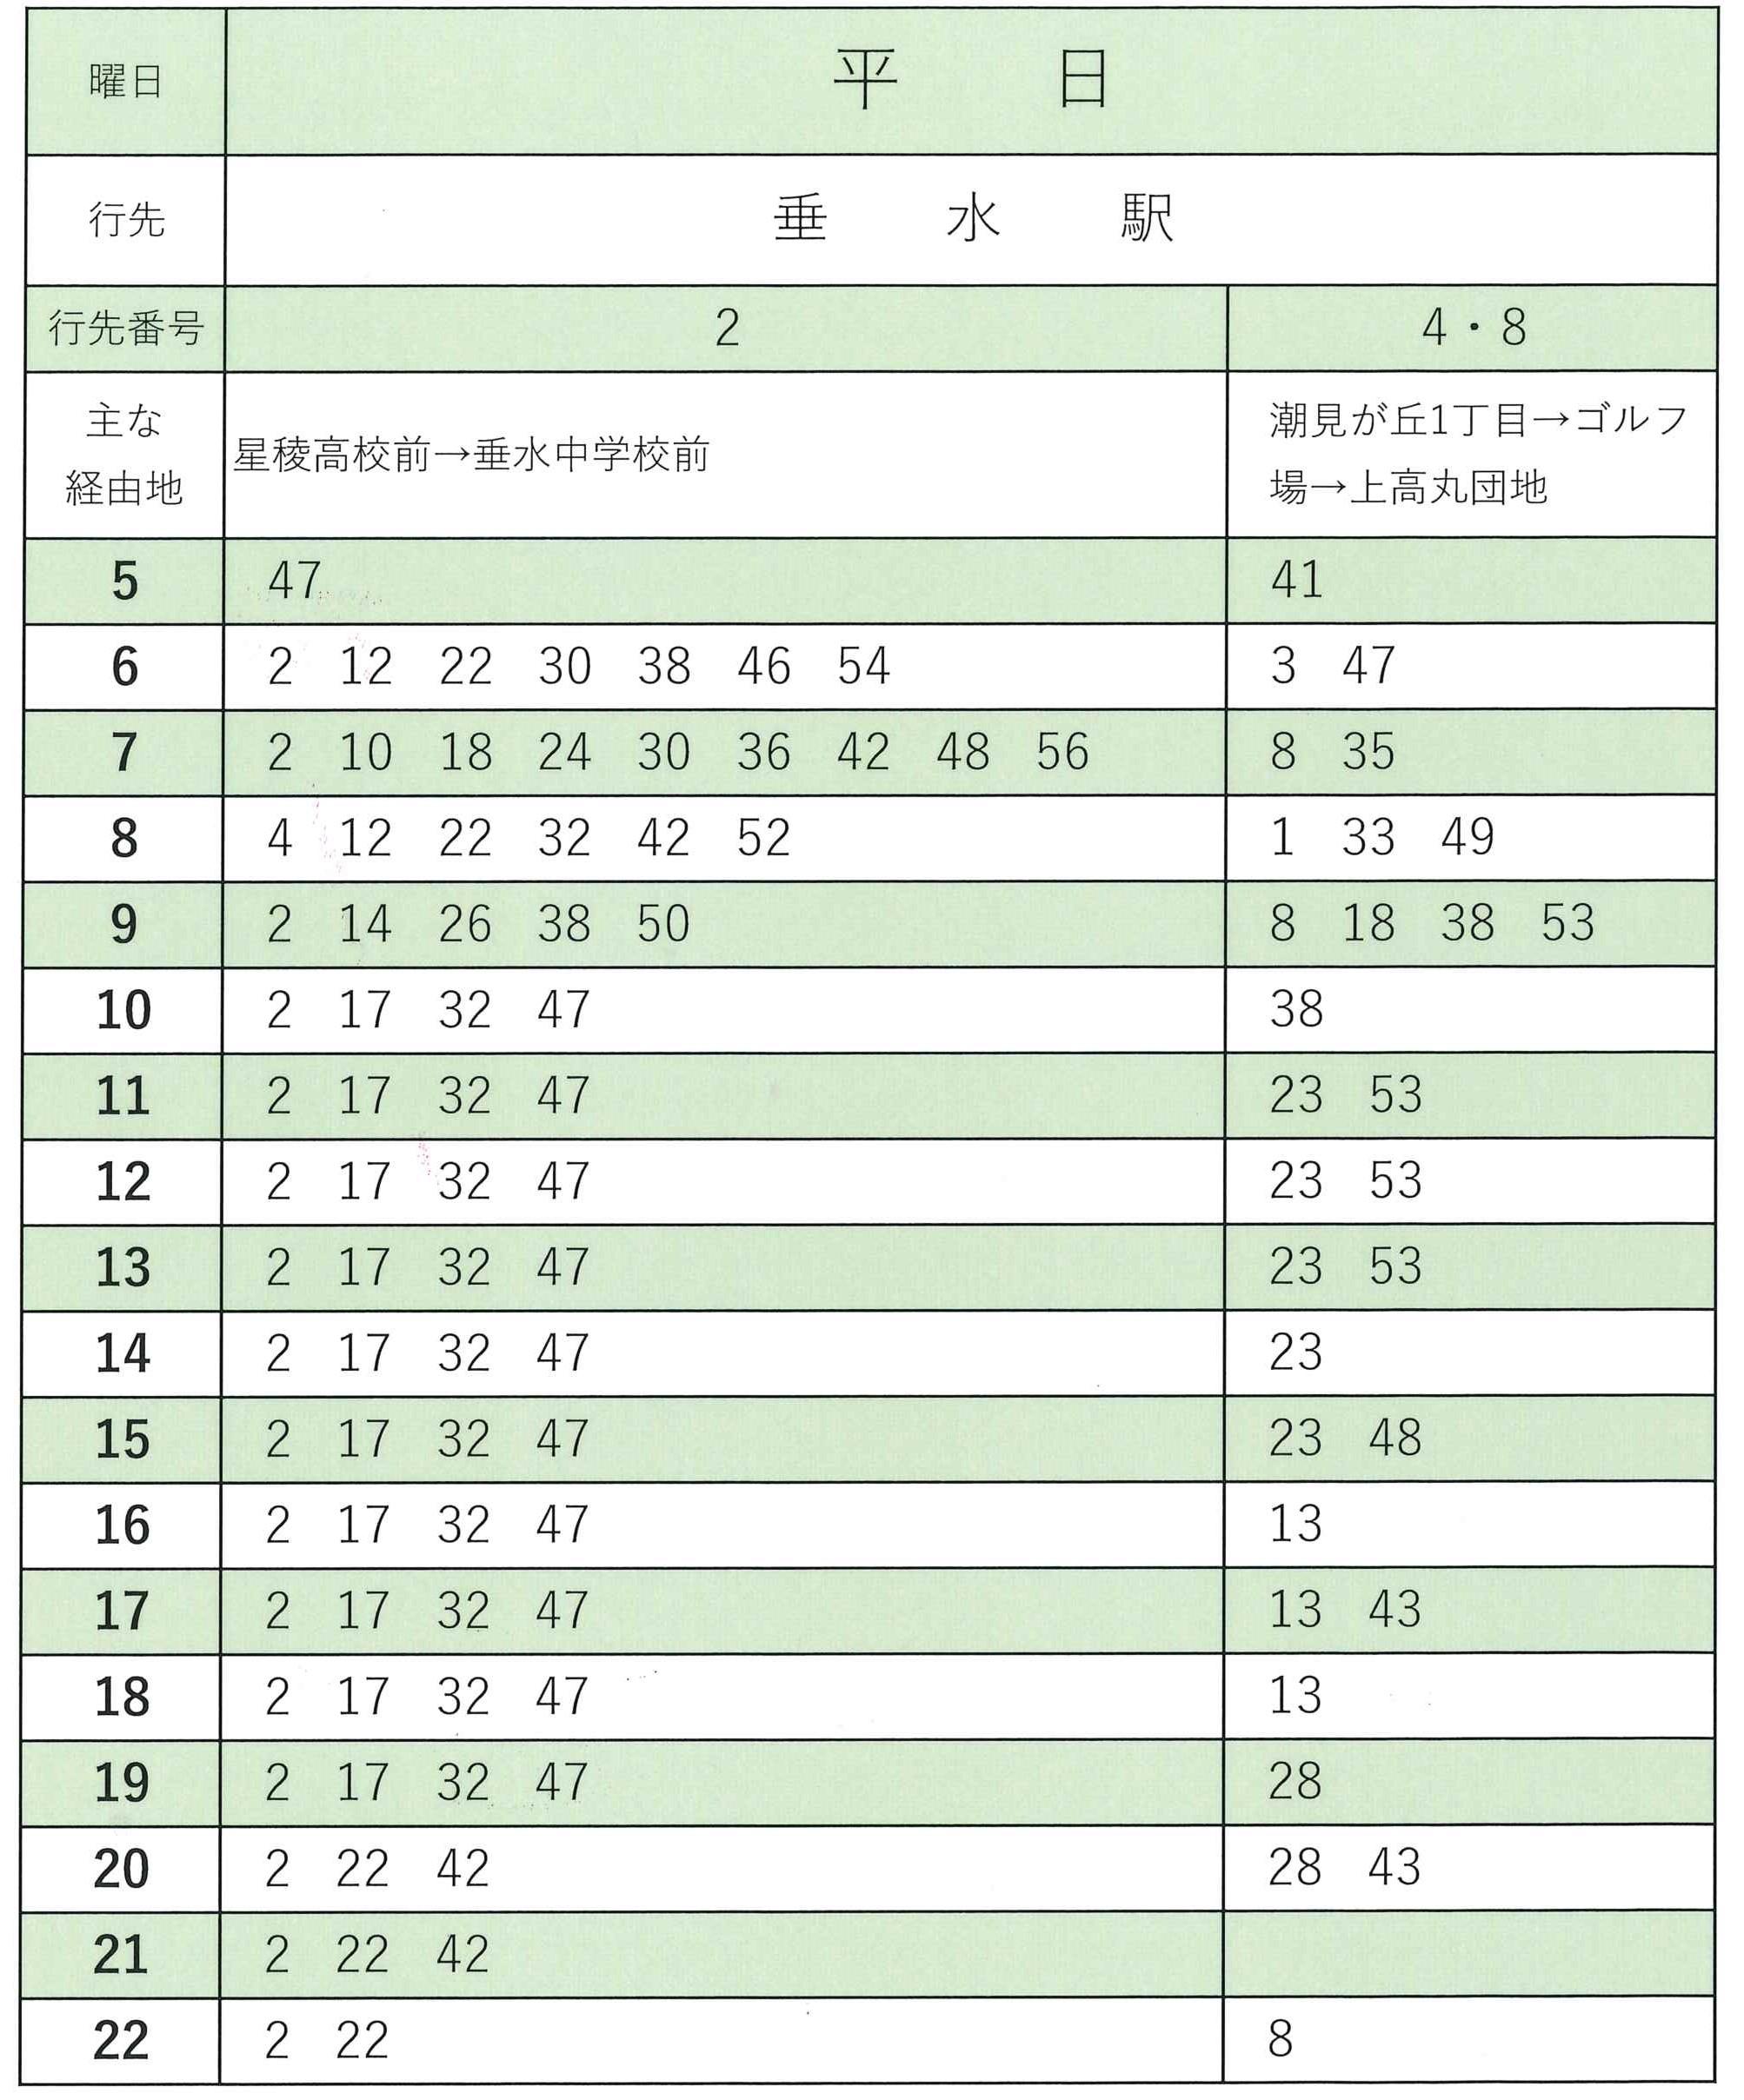 舞子墓園前(垂水駅方面)平日の時刻表